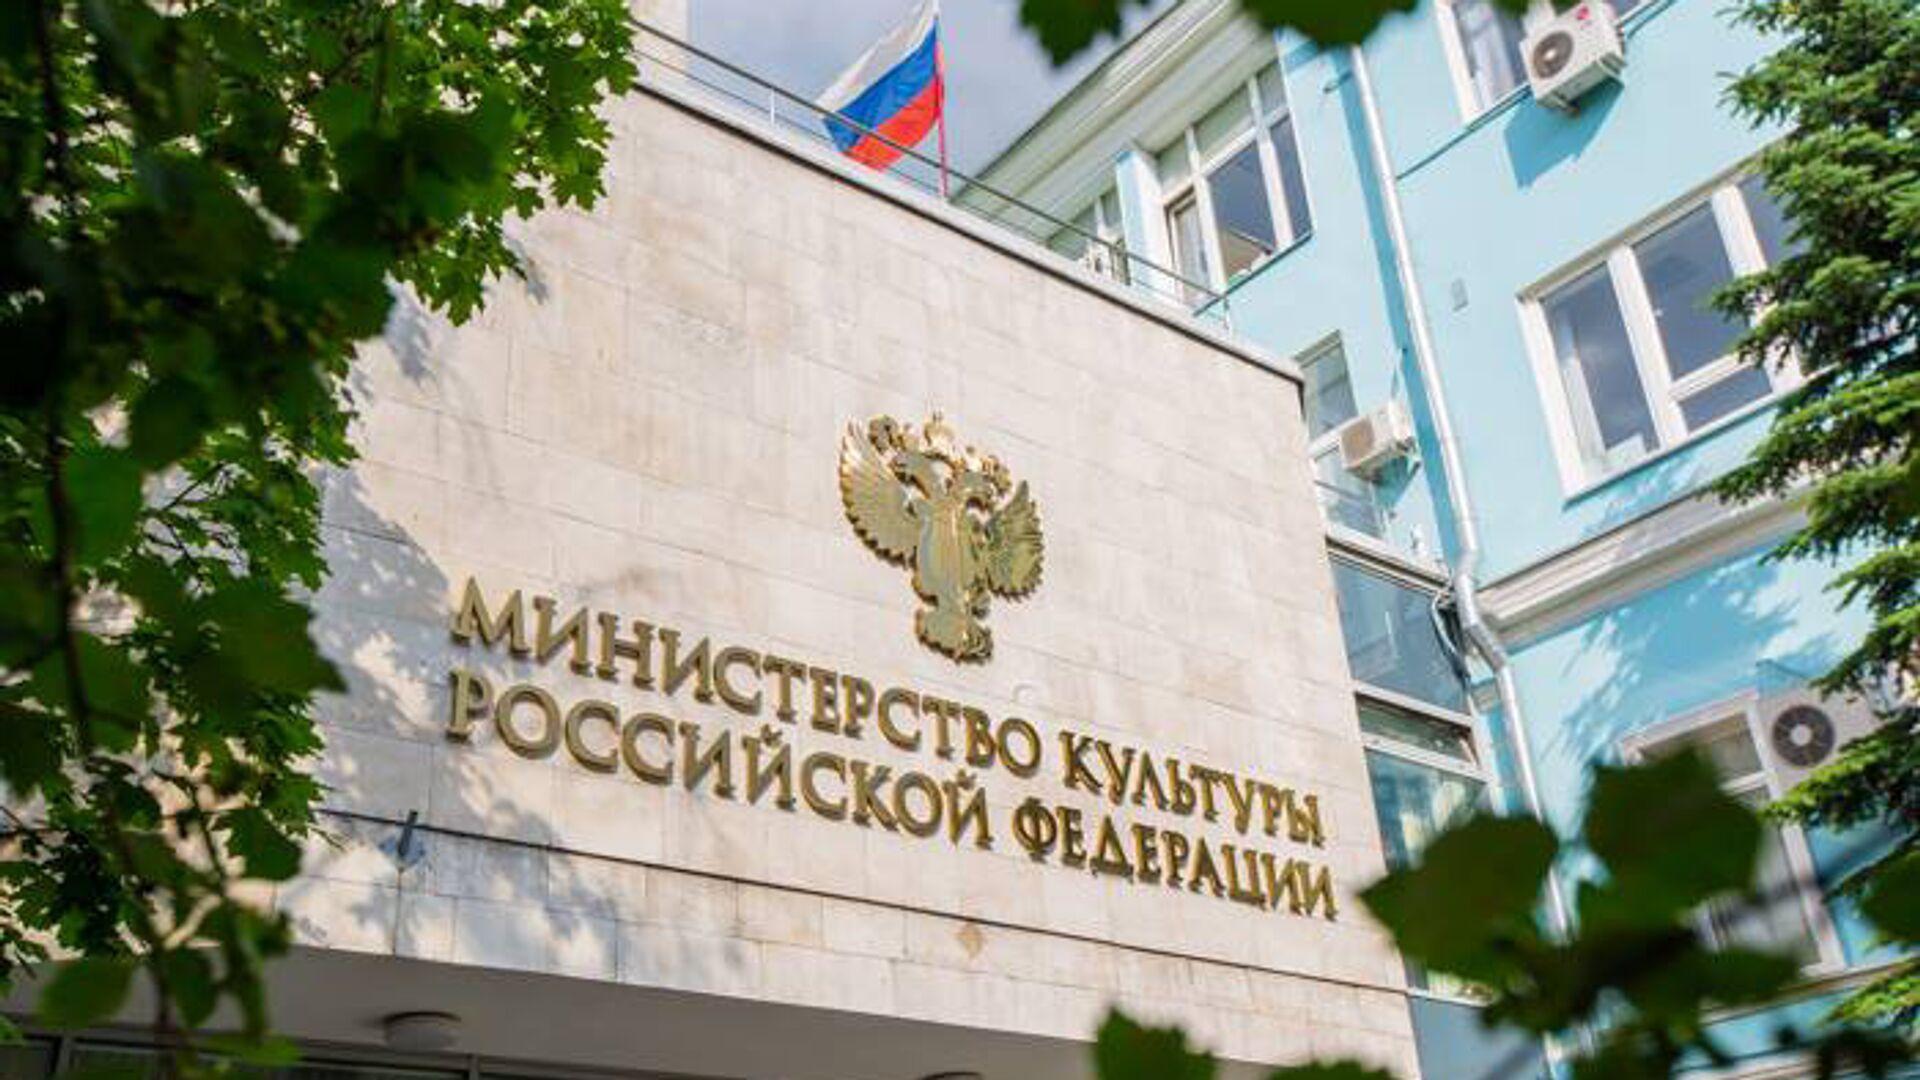 Министерство культуры Российской Федерации - РИА Новости, 1920, 29.07.2021